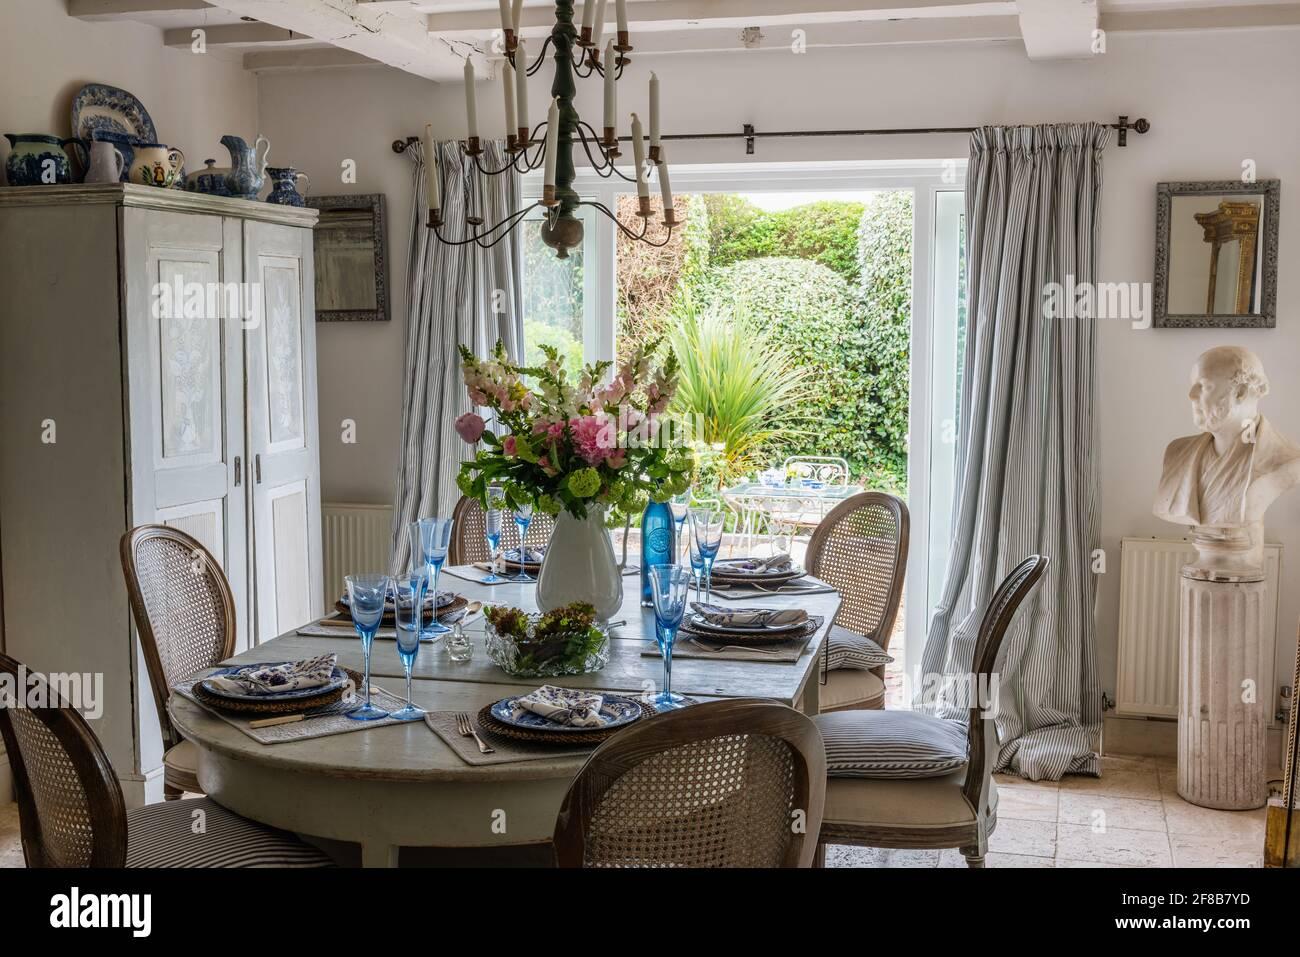 Cristalería en mesa de comedor con vista al jardín en 1930s West Sussex renovación costera. Foto de stock